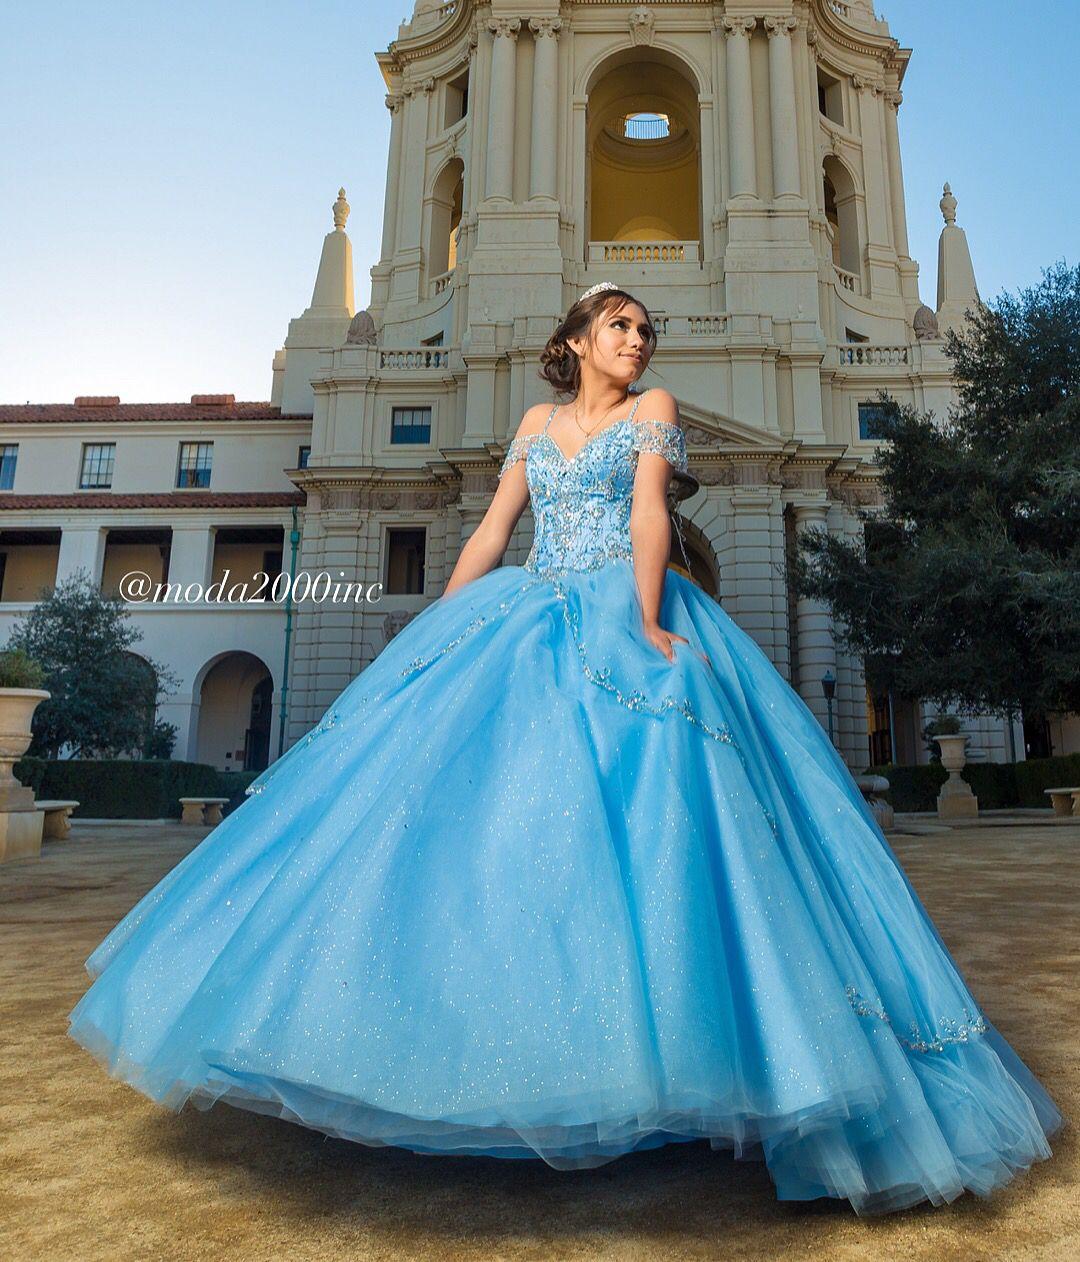 Cinderella Inspired Quinceanera Dress Quinceanera Dresses Quinceanera Dresses Blue Quince Dresses [ 1262 x 1080 Pixel ]